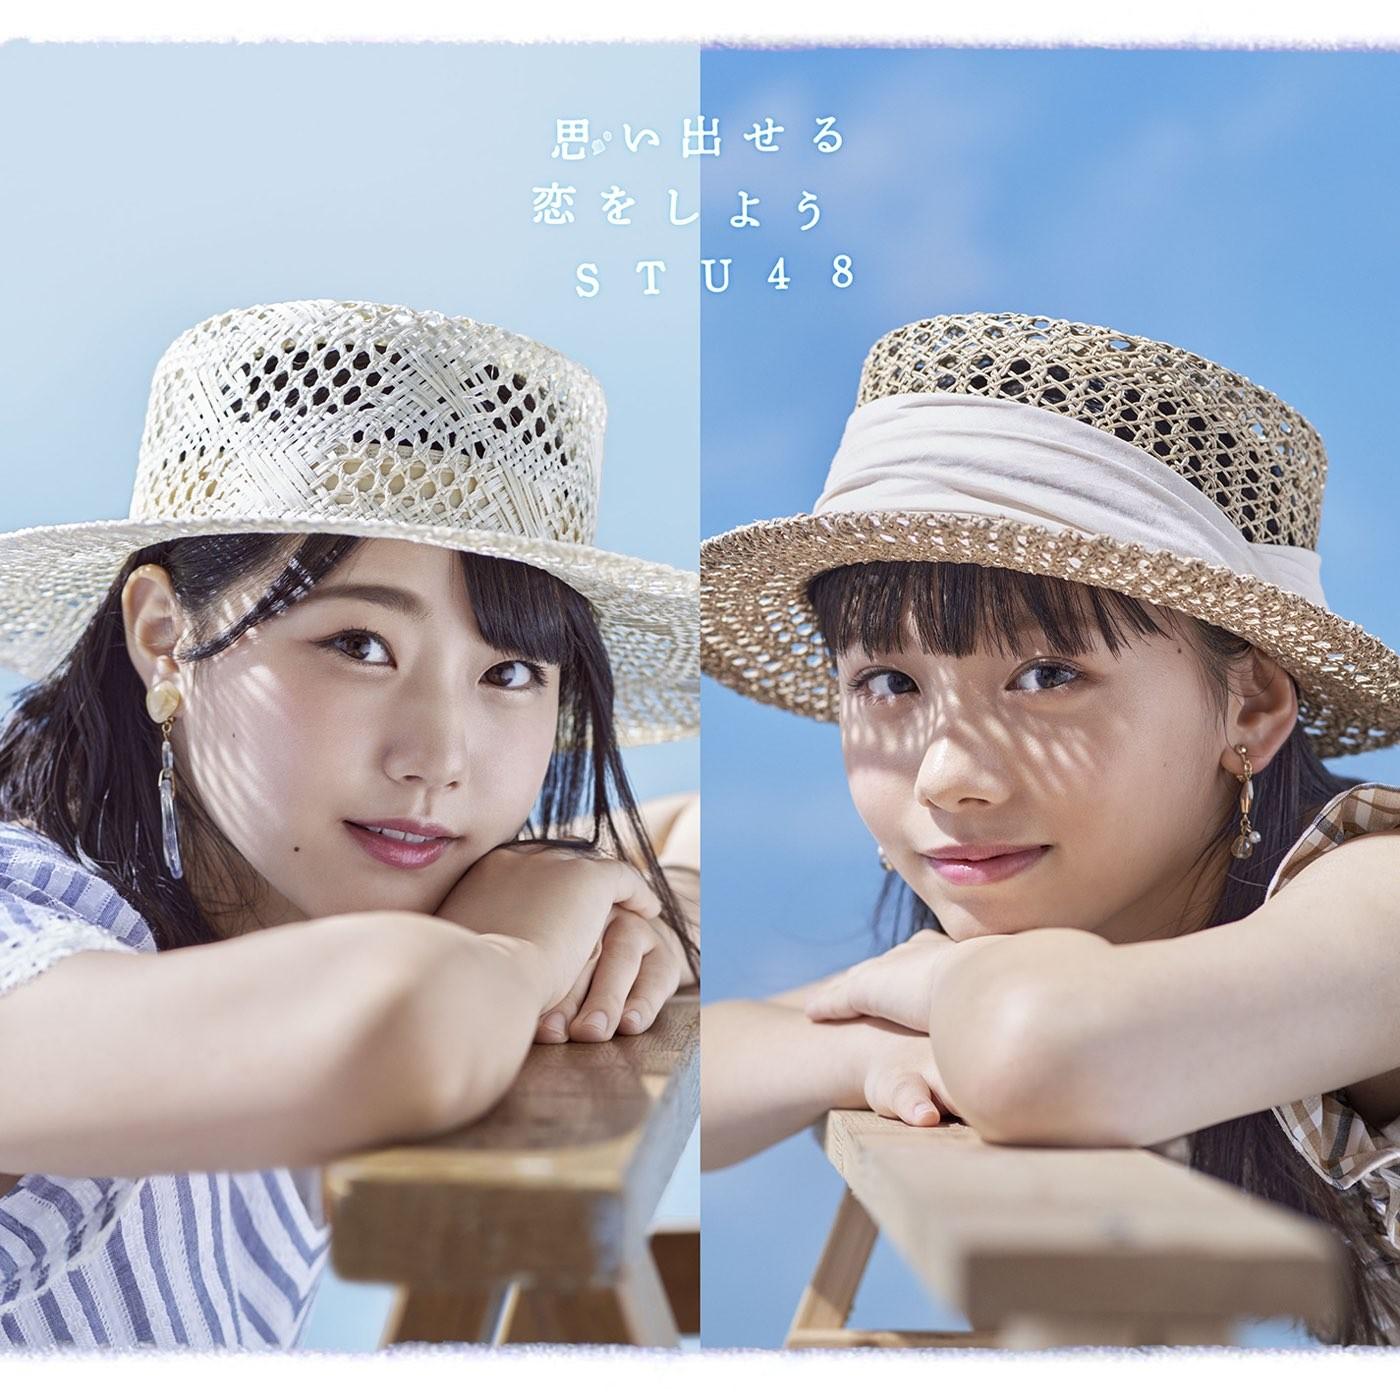 STU48 – 思い出せる恋をしよう [FLAC + MP3 320 / WEB] [2020.09.02]